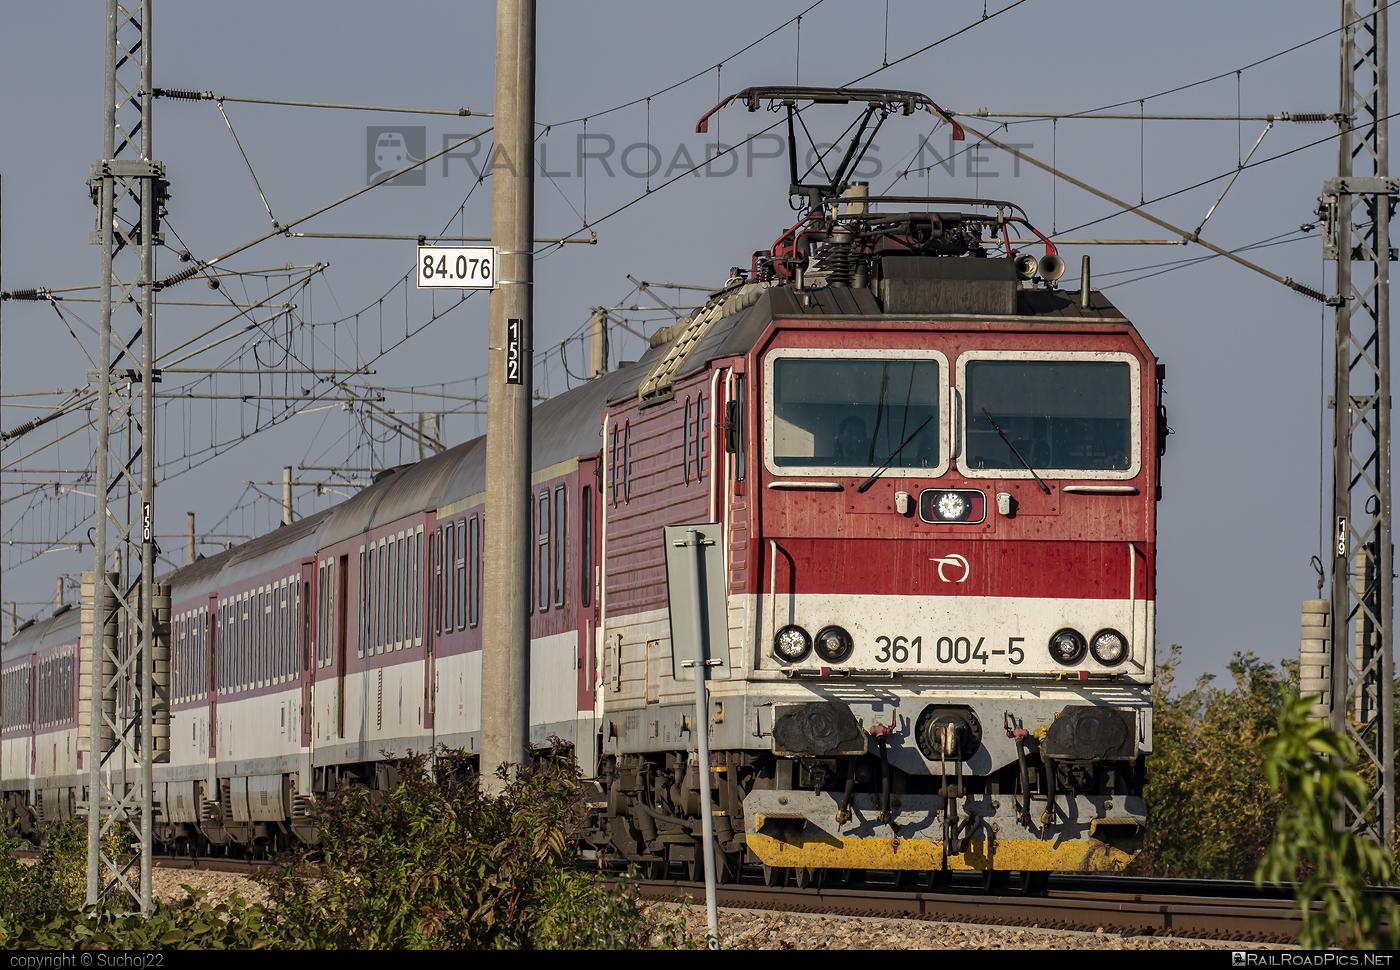 ŽOS Vrútky Class 361.0 - 361 004-5 operated by Železničná Spoločnost' Slovensko, a.s. #ZeleznicnaSpolocnostSlovensko #locomotive361 #locomotive3610 #zosvrutky #zssk